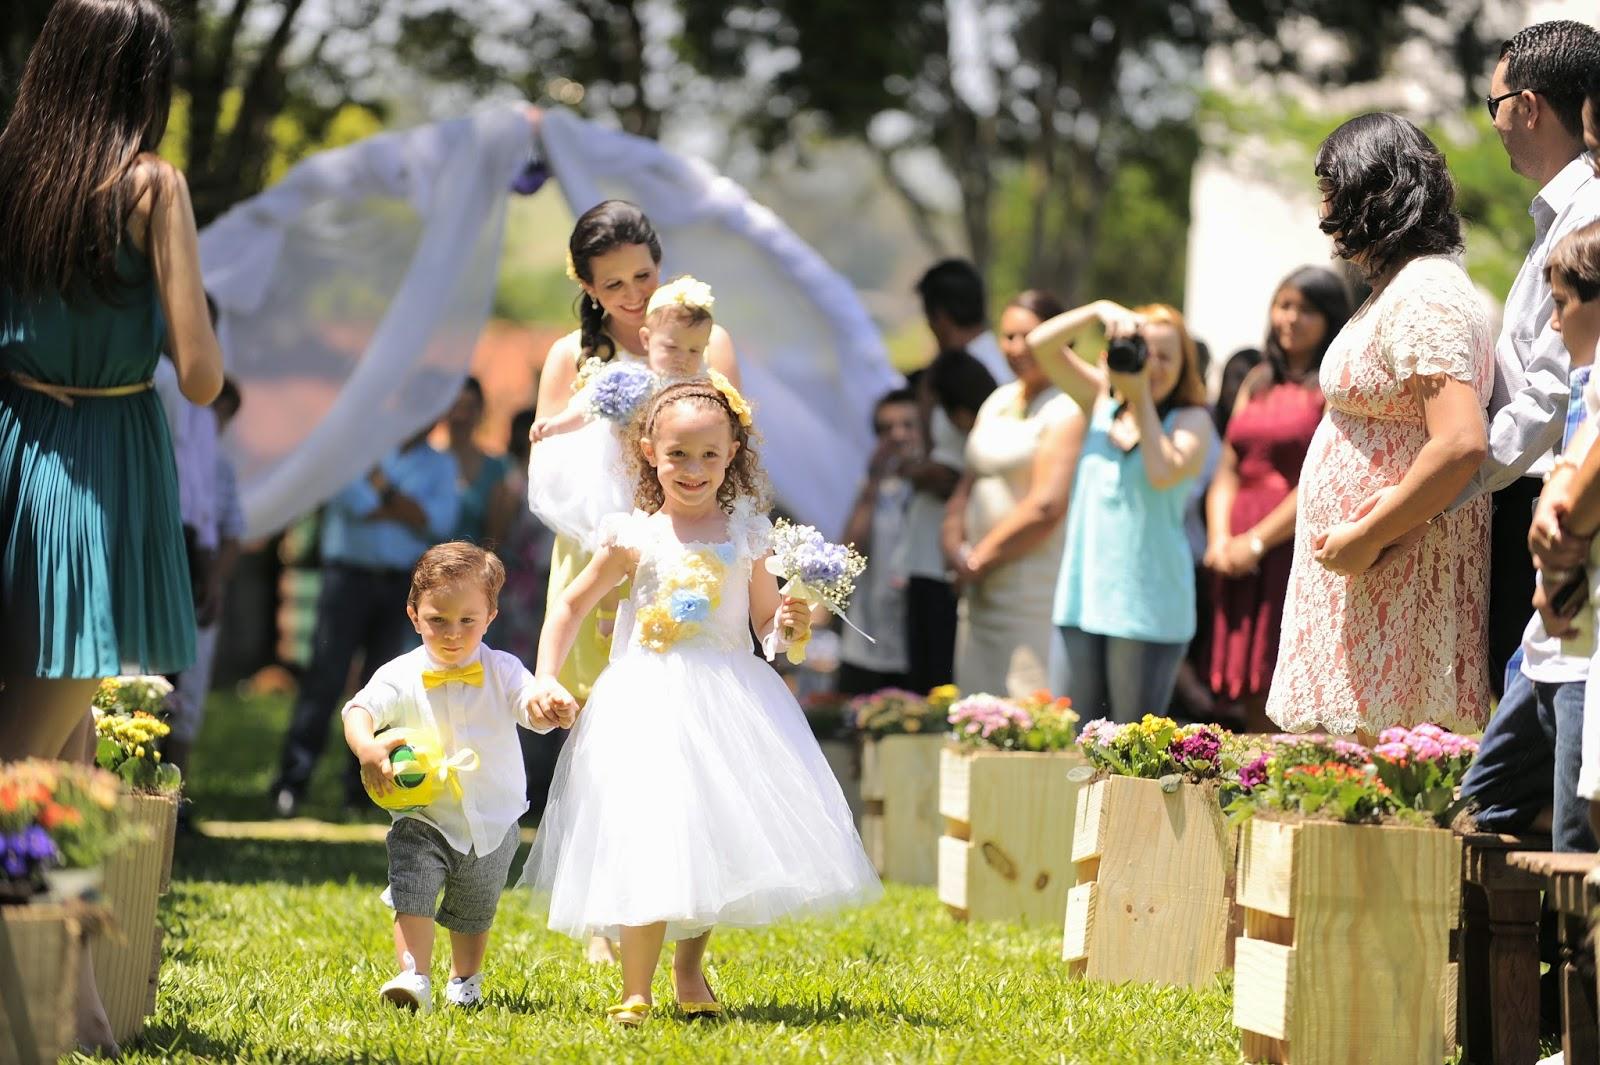 cerimonia-entrada-aliancas-criancas-casamento-dia-azul-amarelo